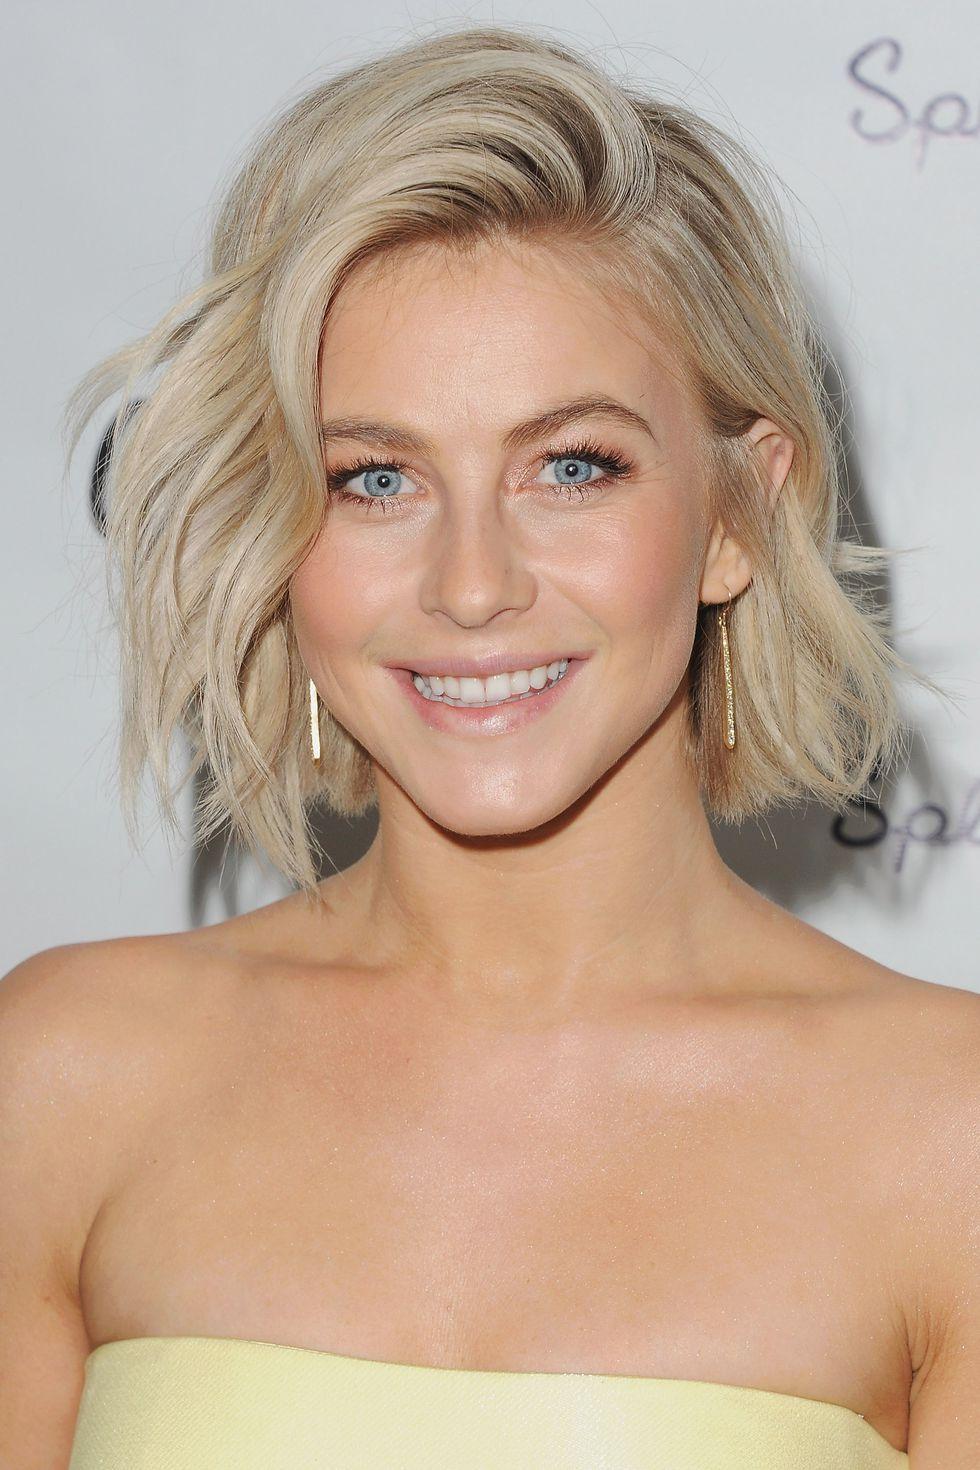 Mỹ nhân Hollywood gợi ý 10 kiểu tóc xoăn đẹp cho từng dáng mặt - Ảnh 6